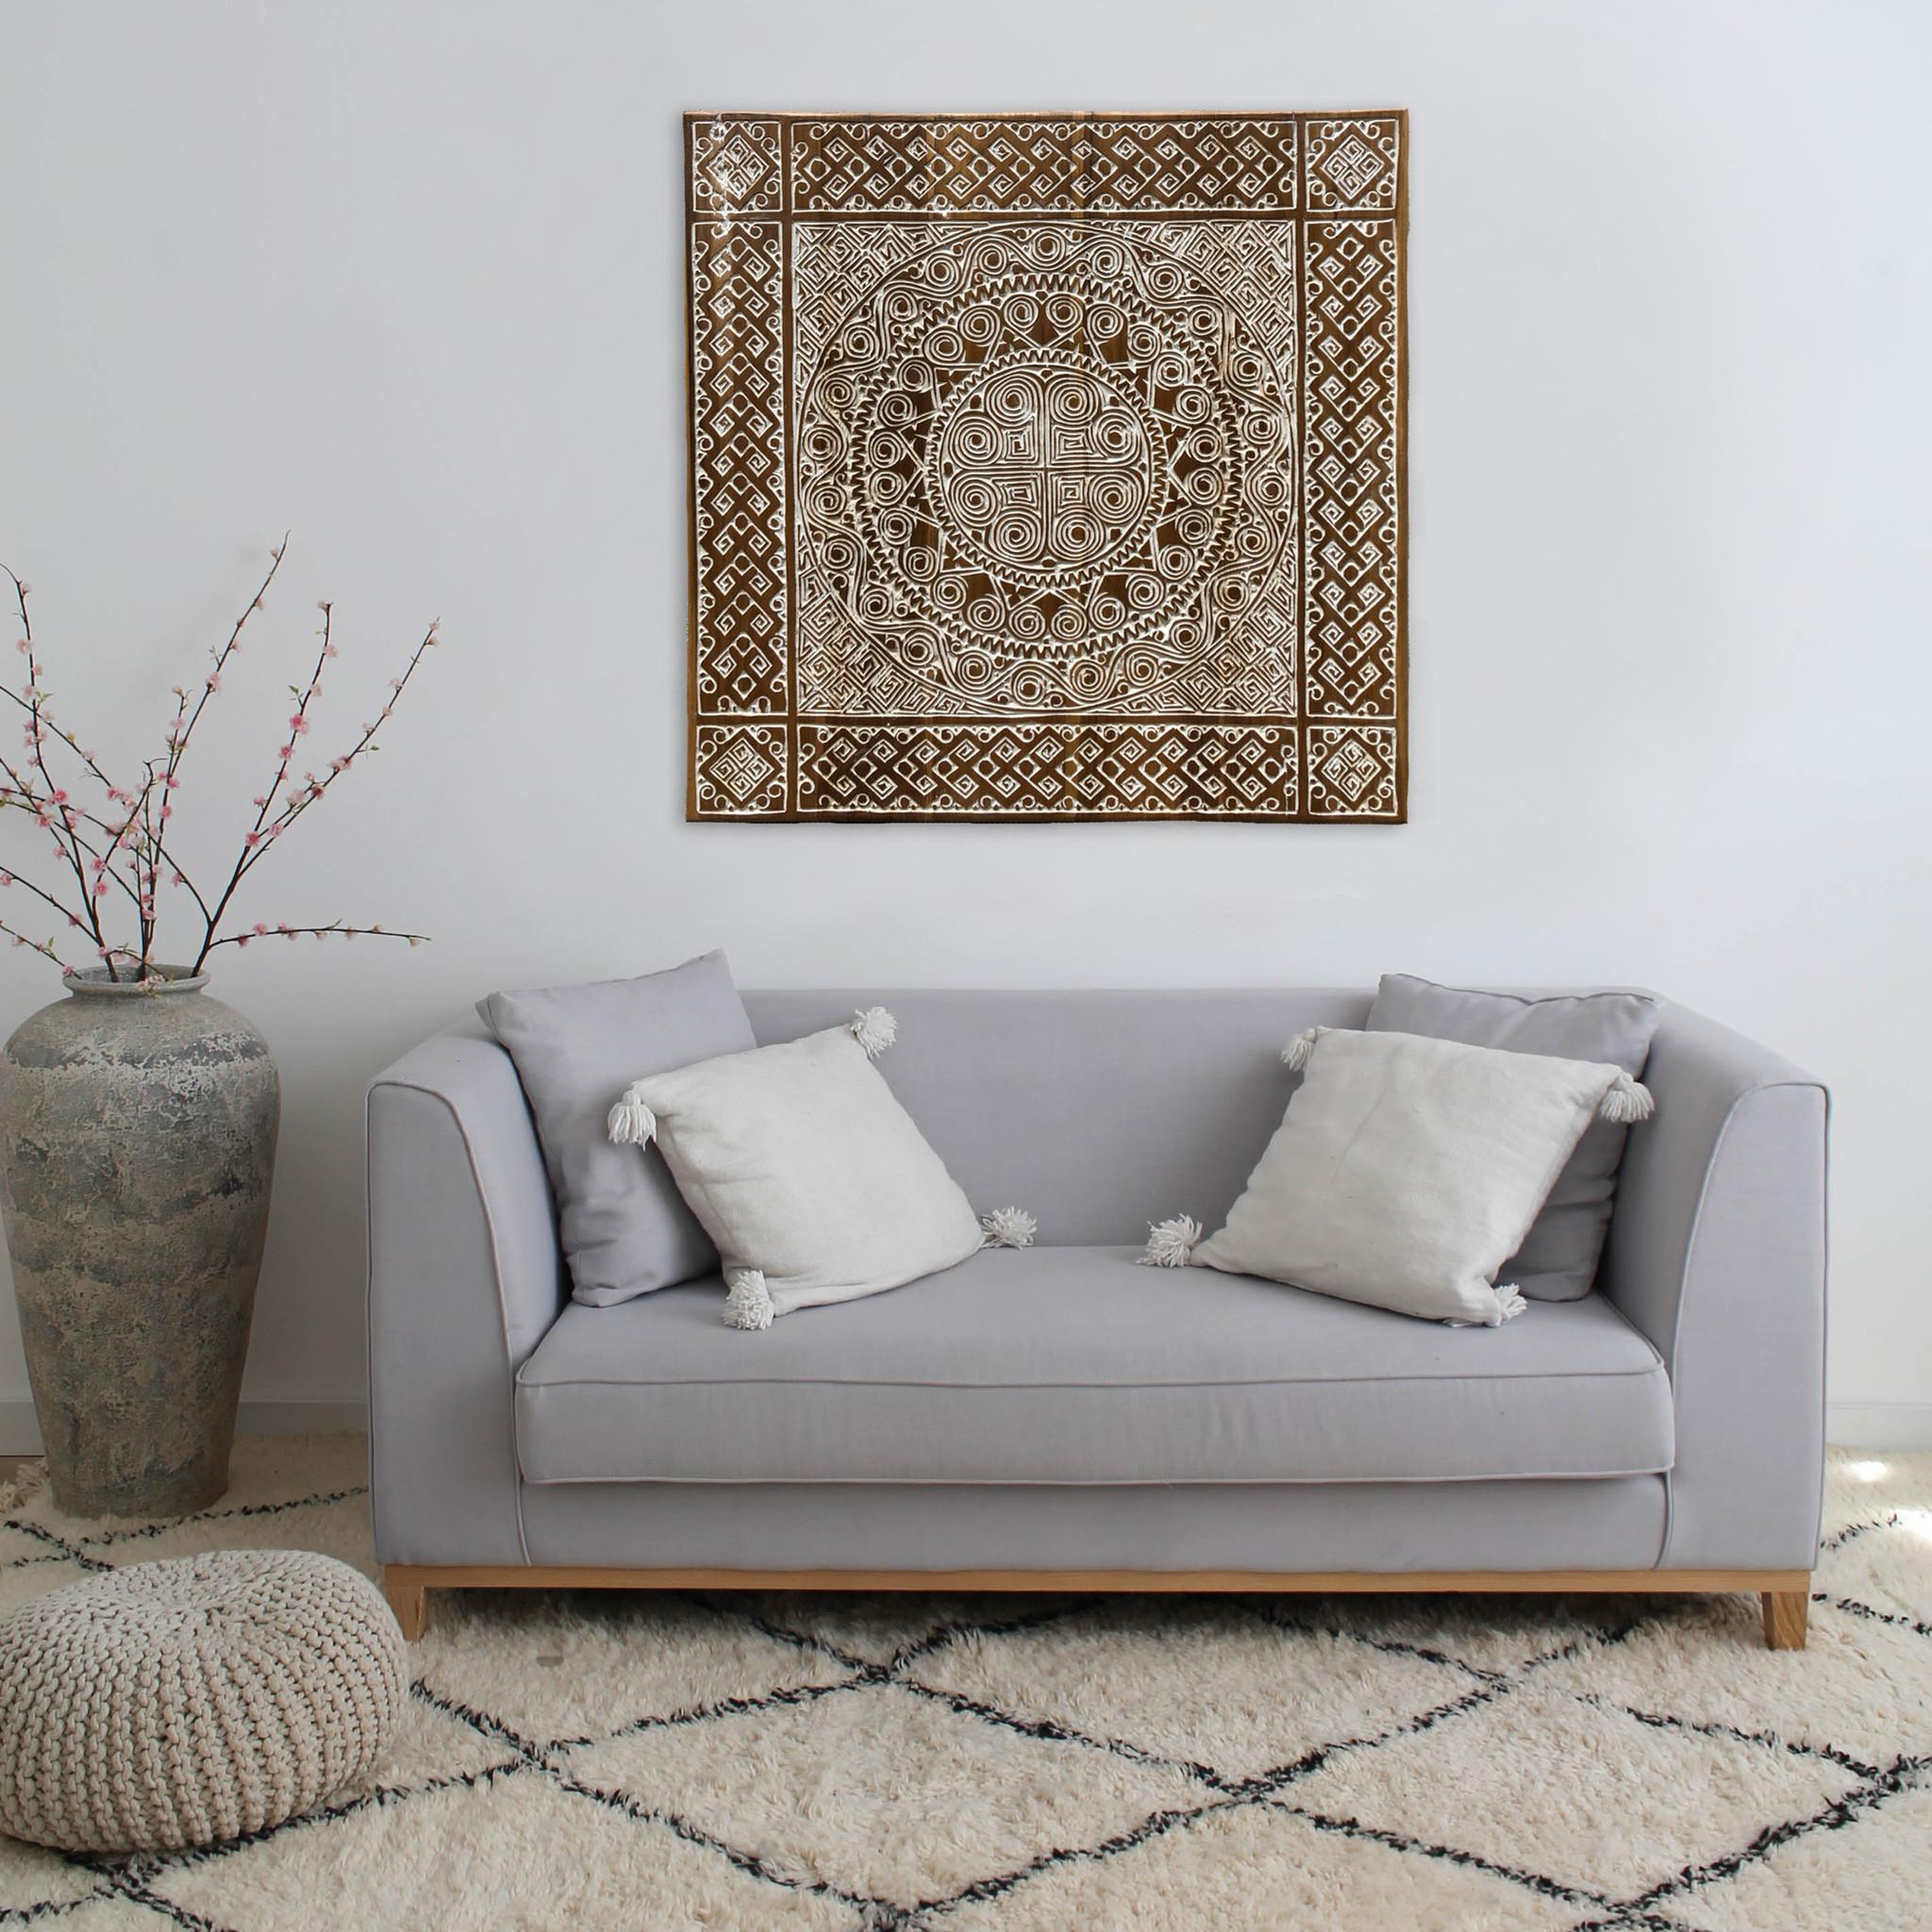 Simply Pure Timor - Vierkant - Antiek bruin - Indonesië